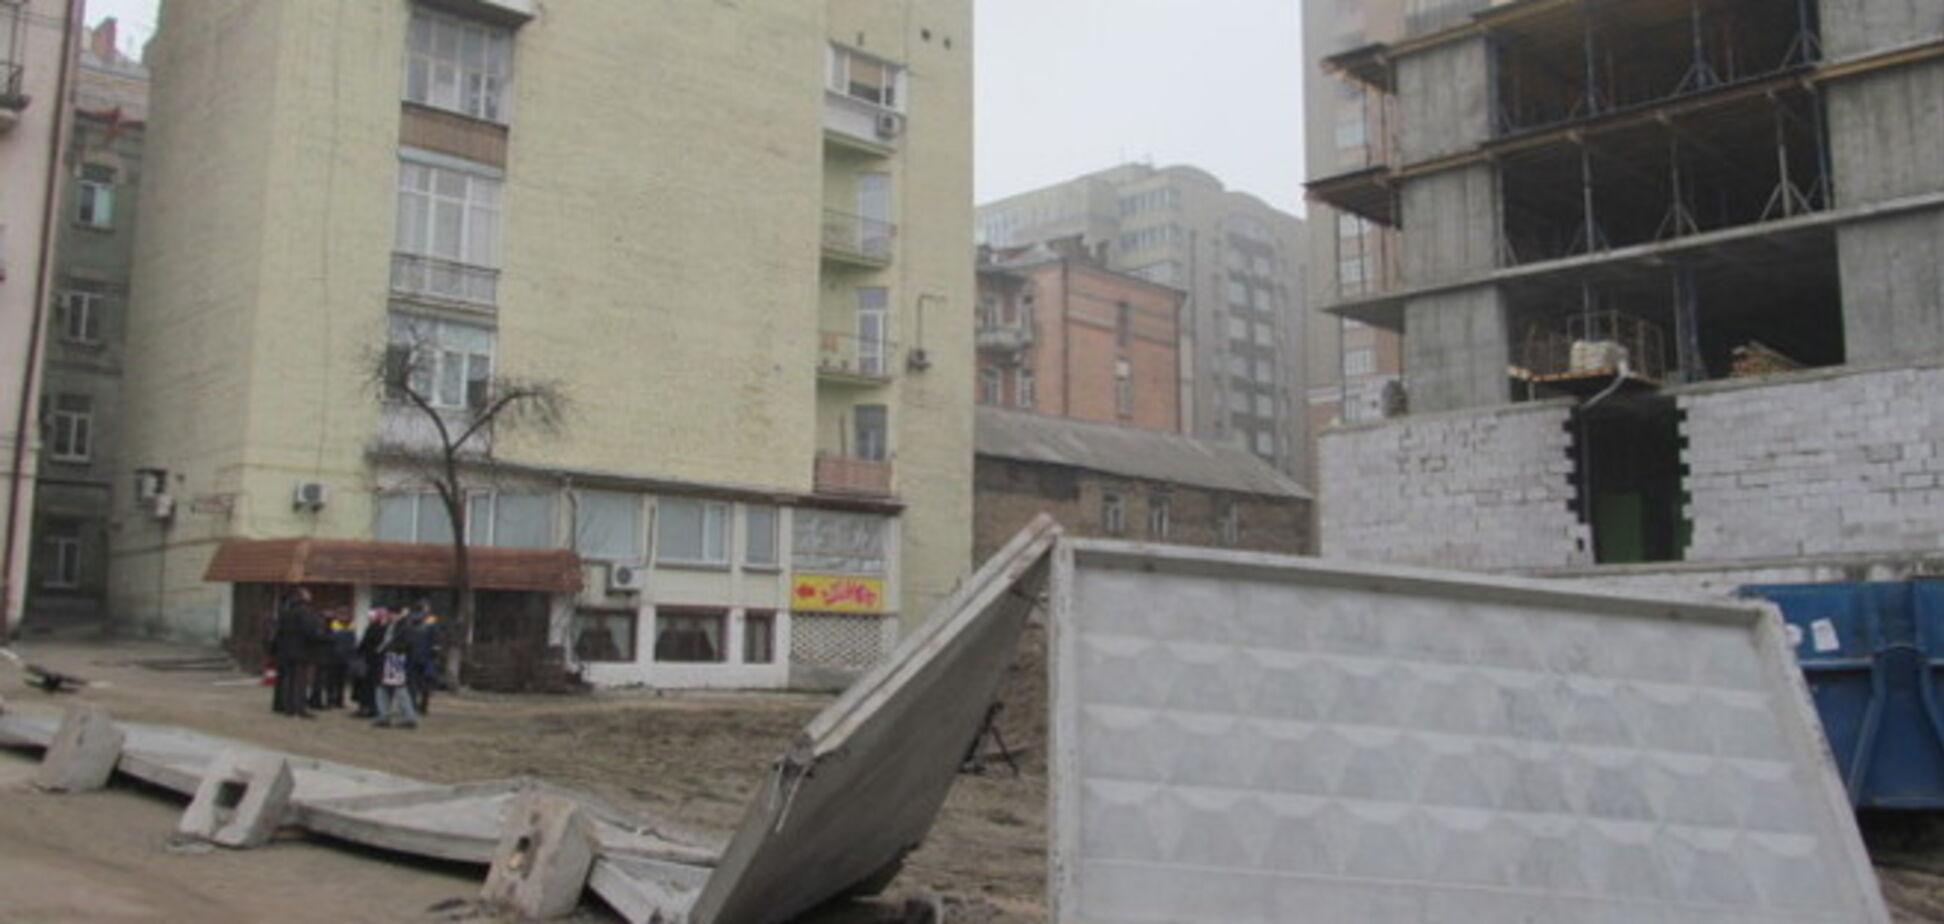 Эксперты заявили о решении проблемы незаконной застройки в Киеве